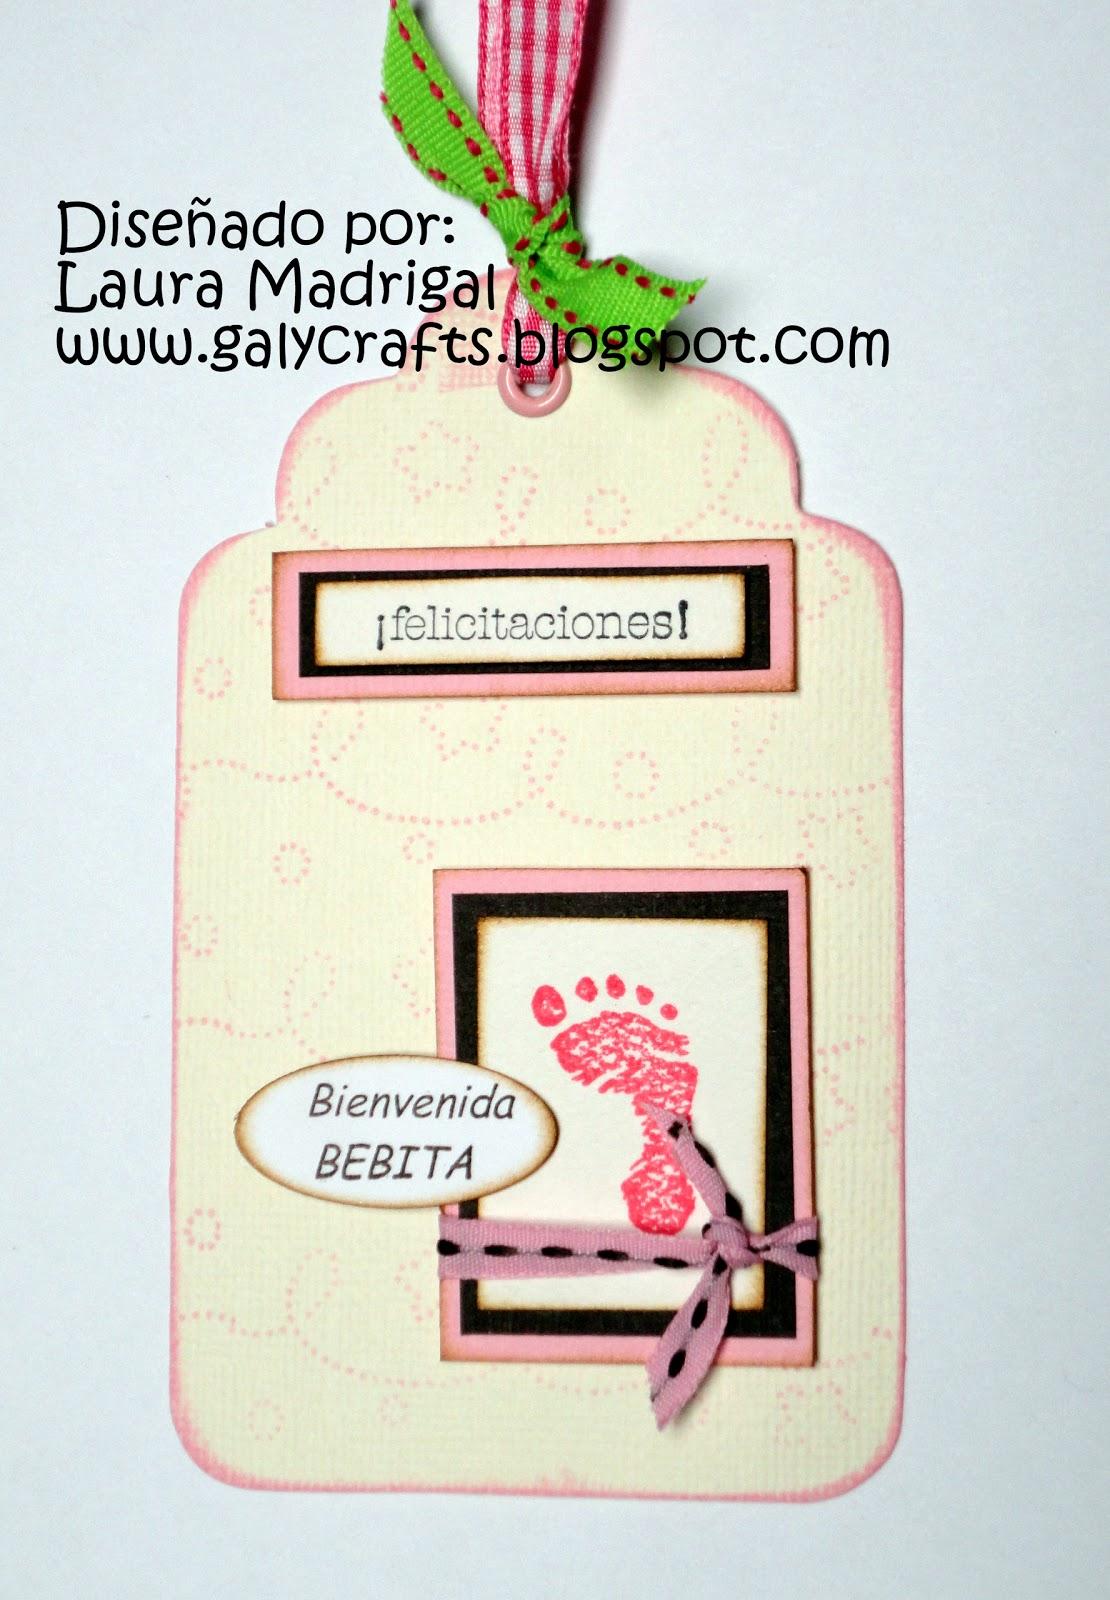 Tarjetas boutique galy crafts preparativos para baby shower for Preparativos para baby shower